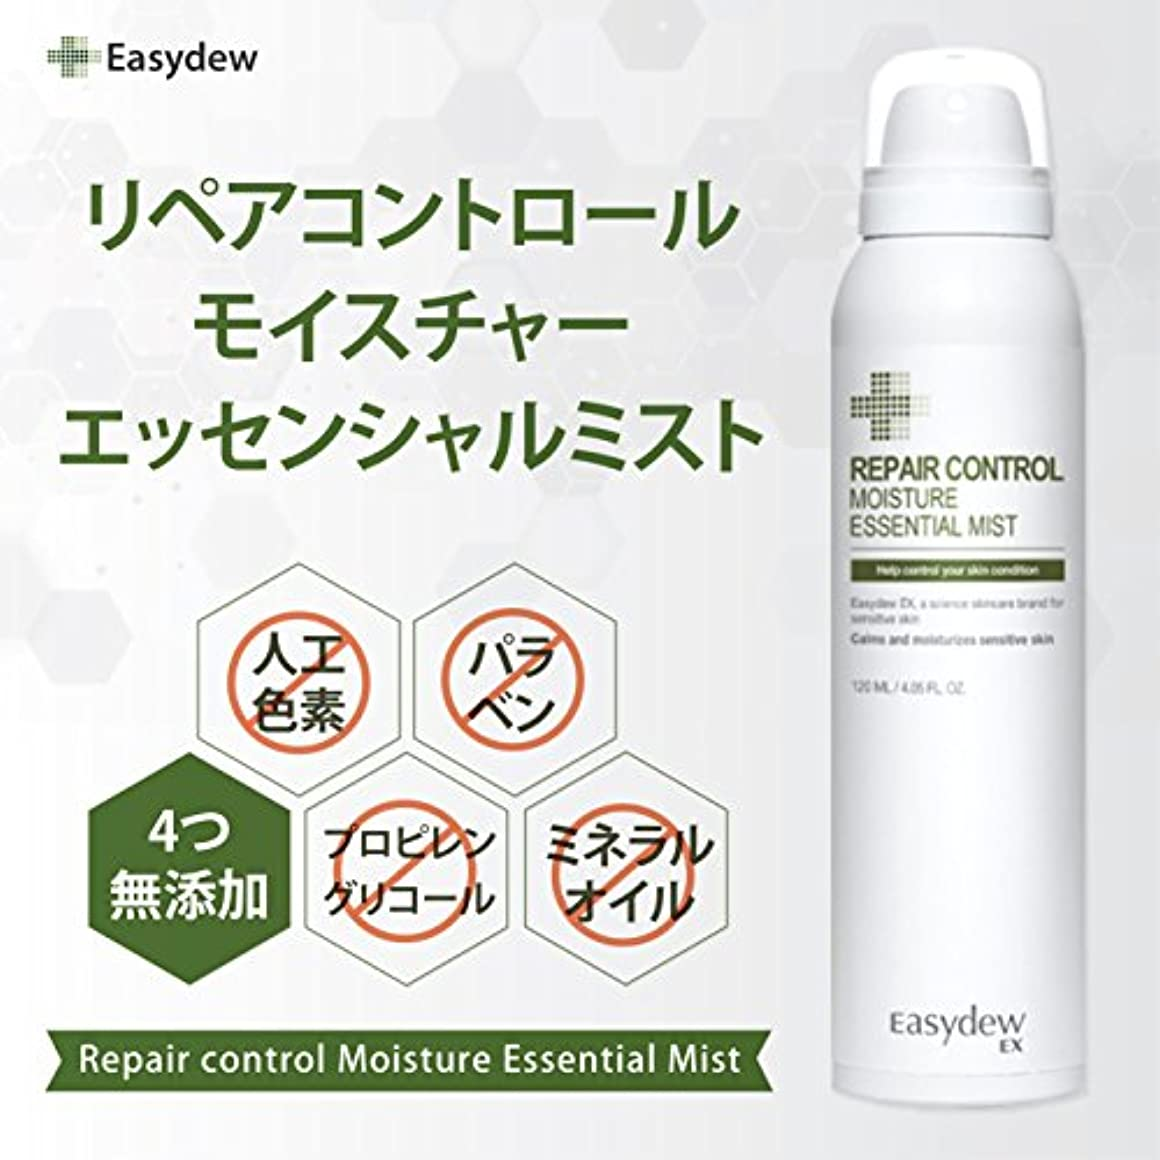 先駆者ヒューズ最終的にEASYDEW EX リペア コントロール モイスチャー エッセンシャル ミスト Repair Control Moisture Essential Mist 120ml